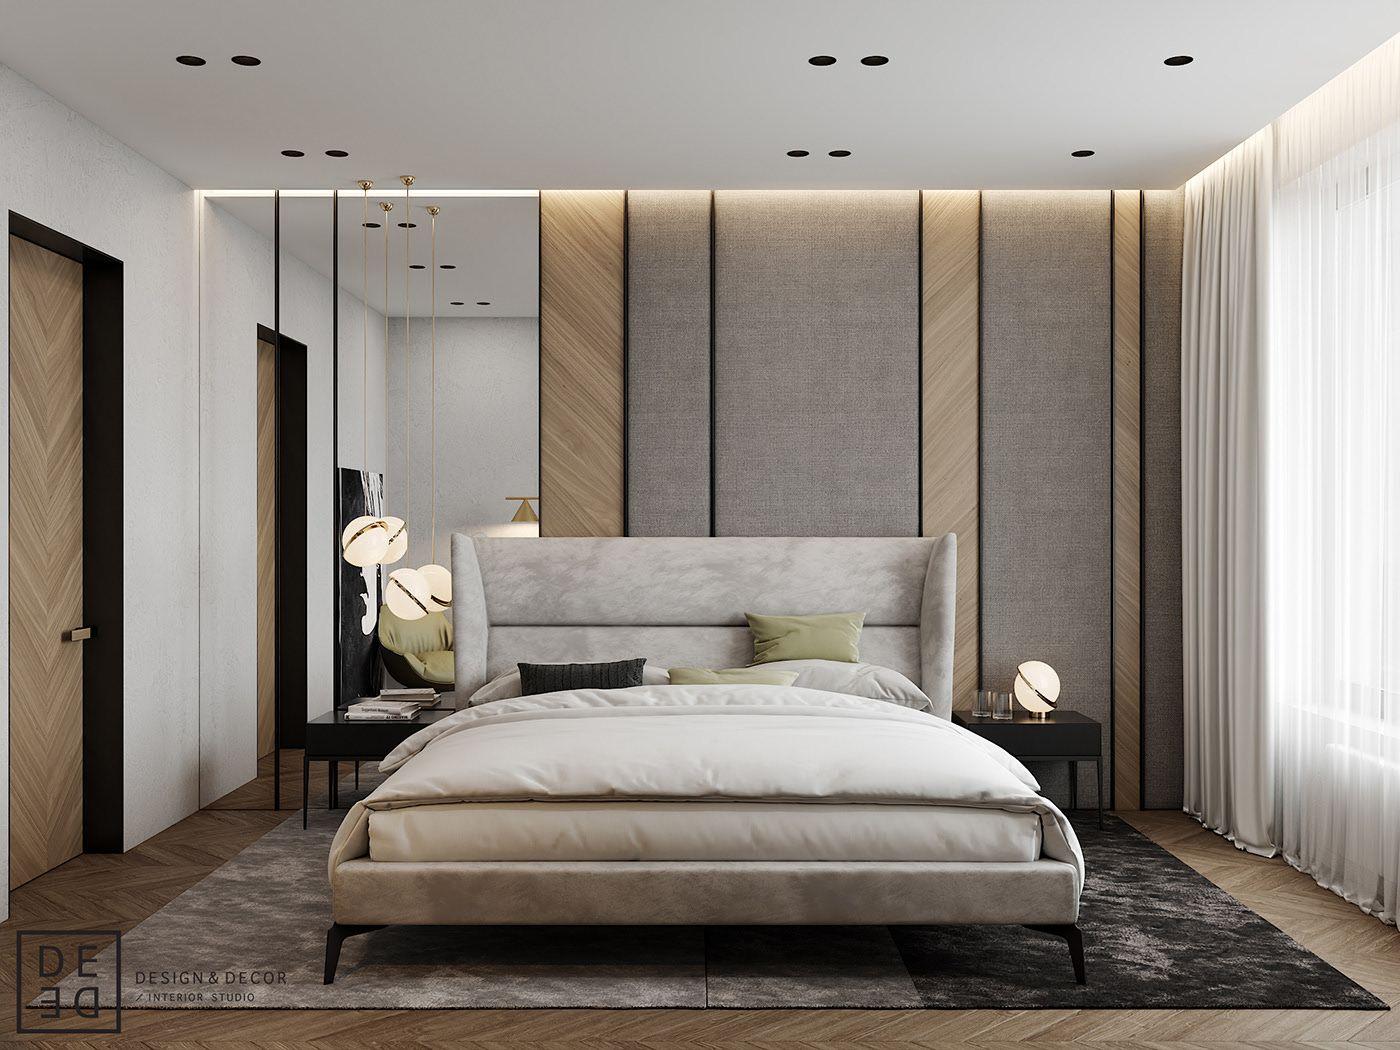 De De Eco Minimalism Apartment On Behance Luxurious Bedrooms Bedroom Deco Bedroom Interior